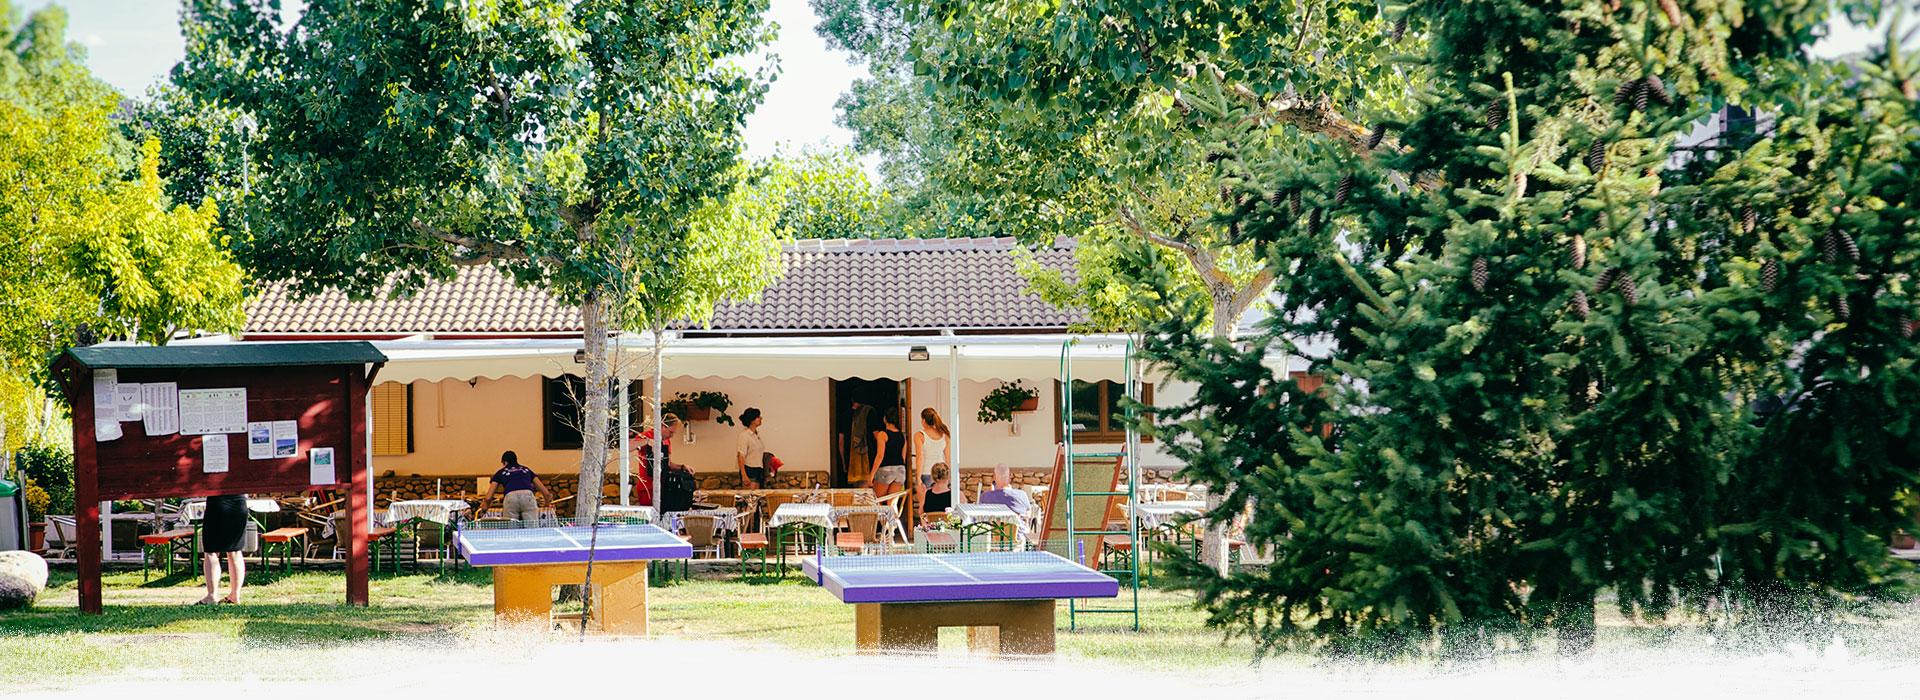 camping isabena pyrenäen - ihr familien campingplatz in den pyrenäen